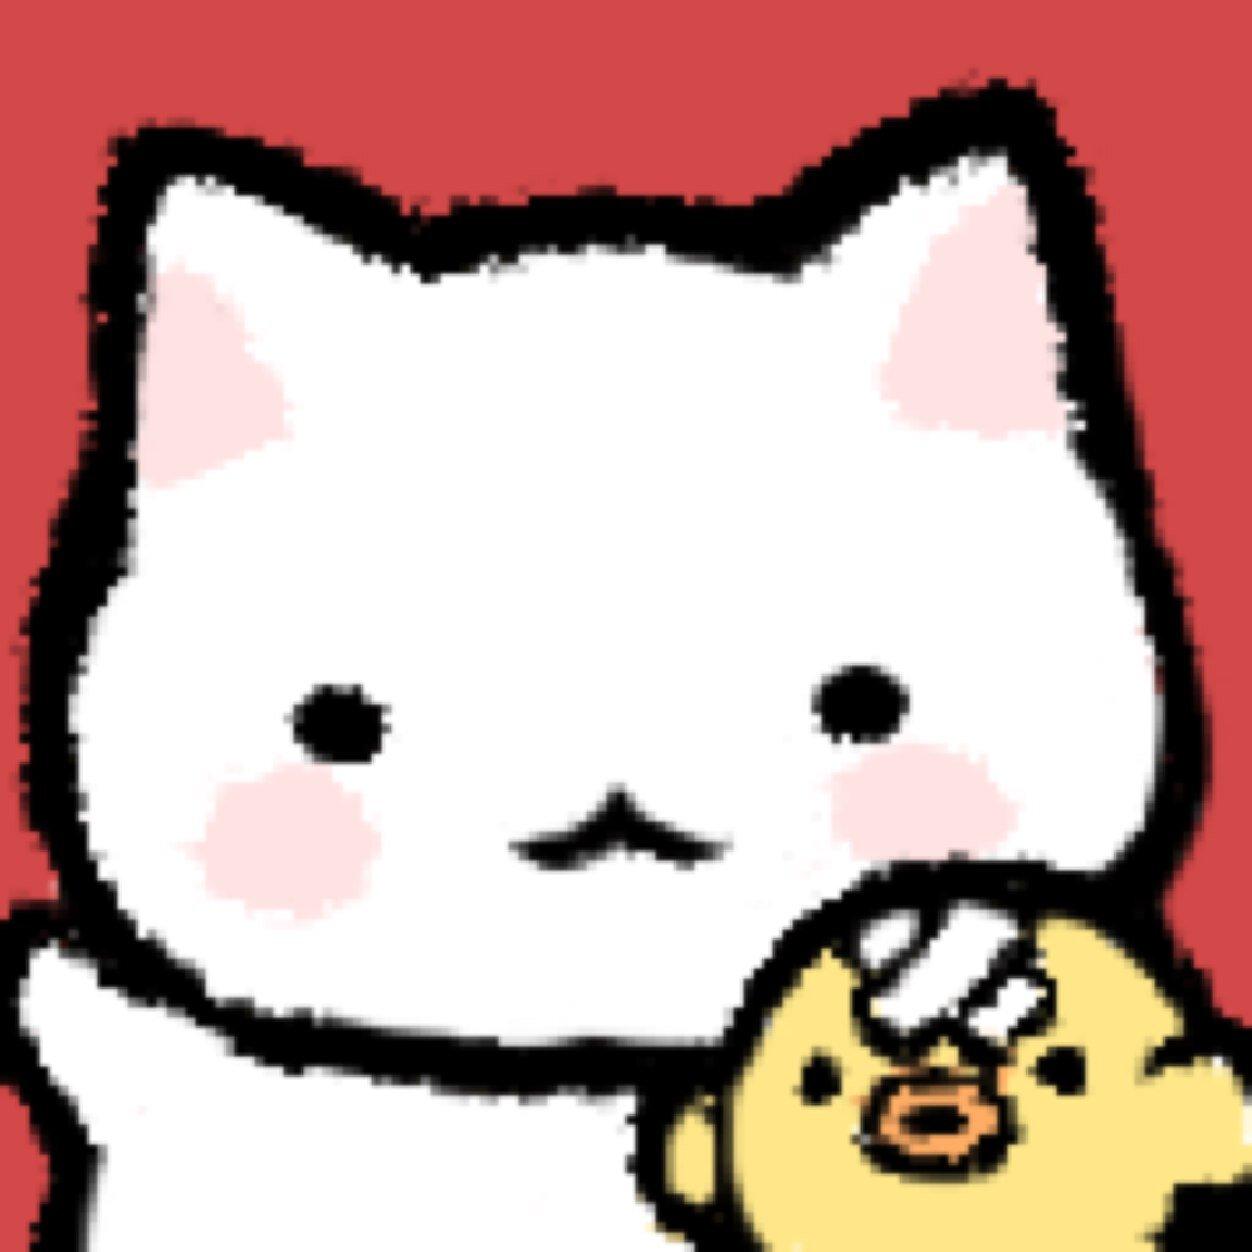 しょぼにゃん@LINEスタンプ発売中 Social Profile